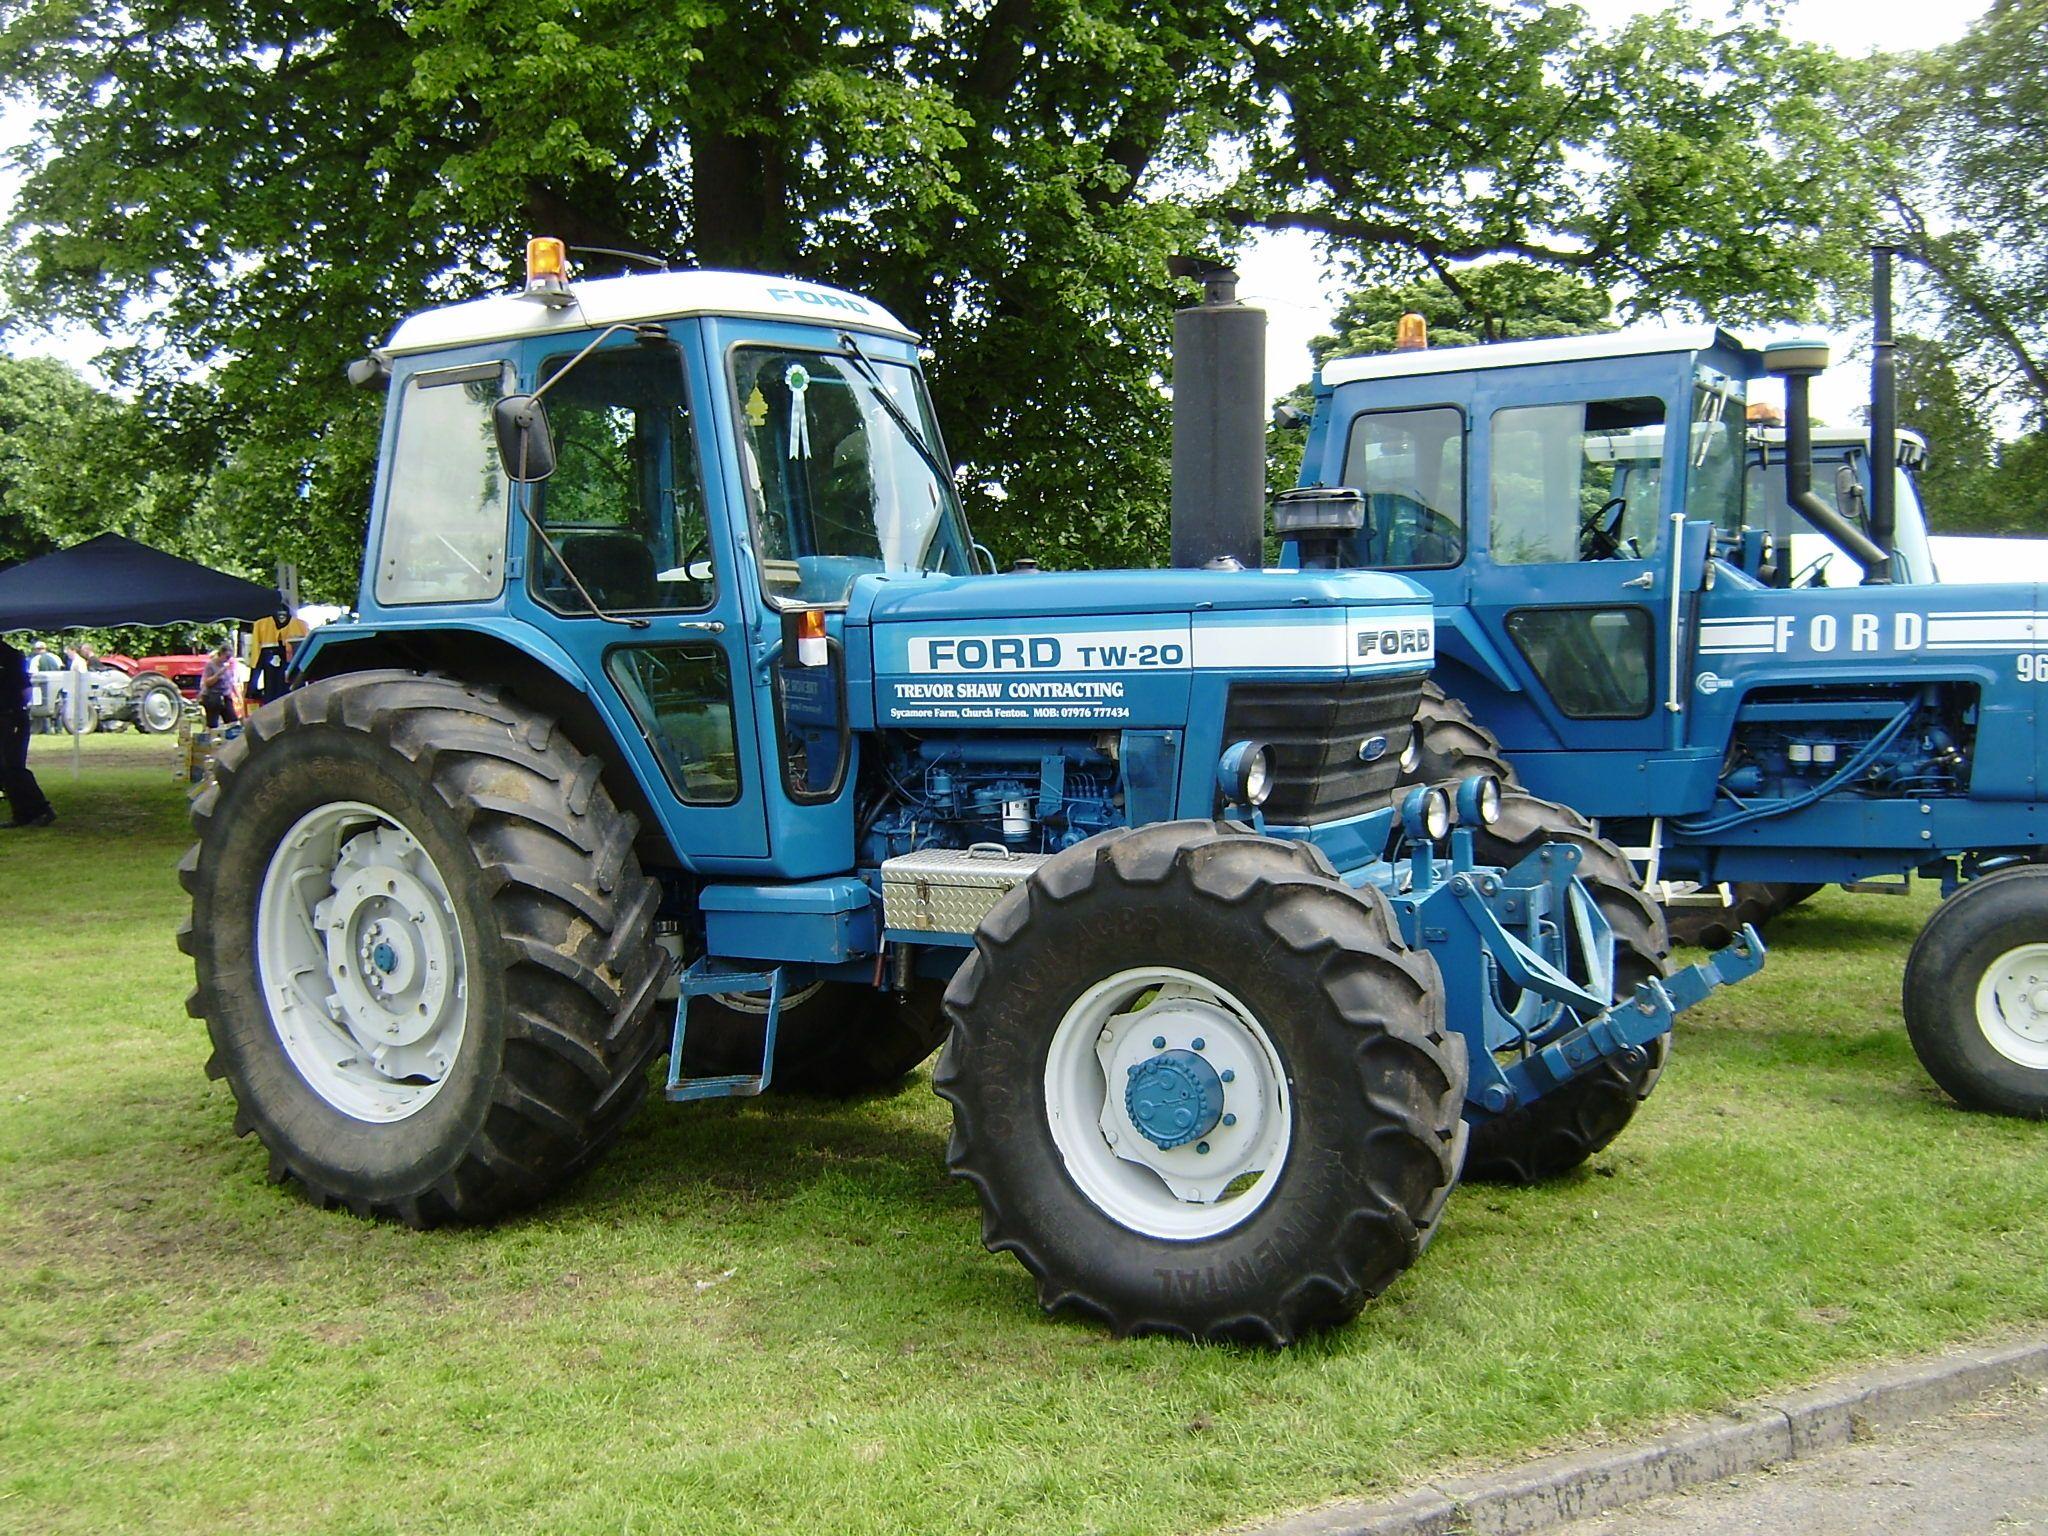 Ford Classic Tractors : Afbeeldingsresultaat voor ford fw tractor